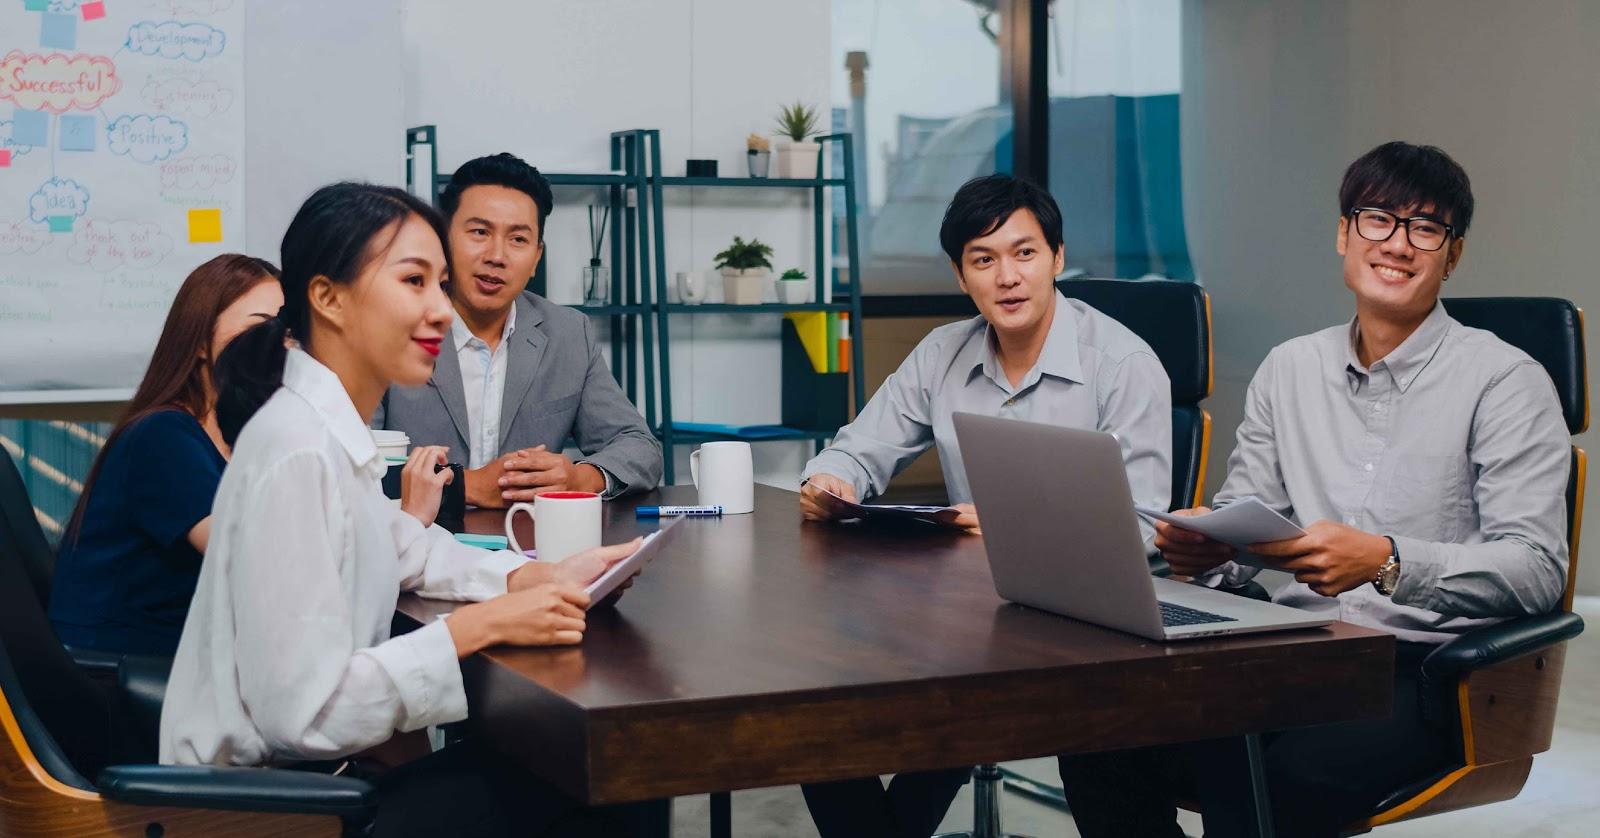 Employee Benefit Tip 1